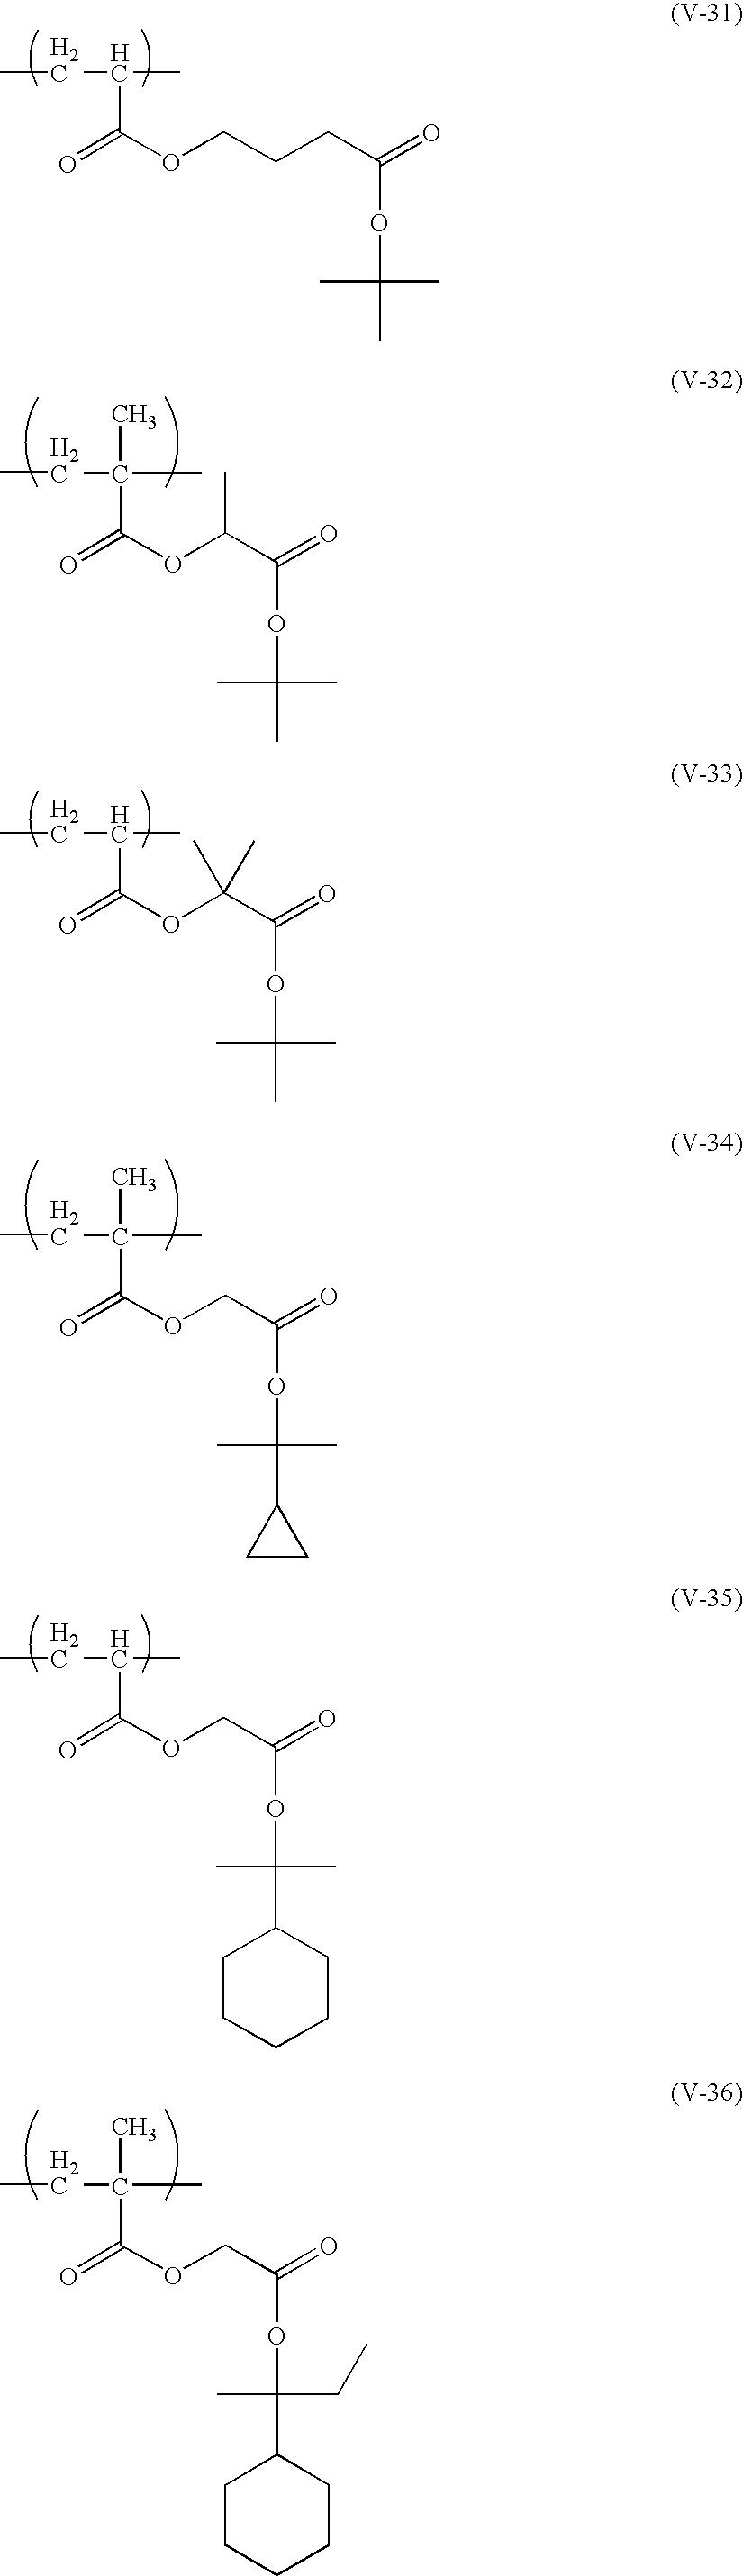 Figure US20100183975A1-20100722-C00113